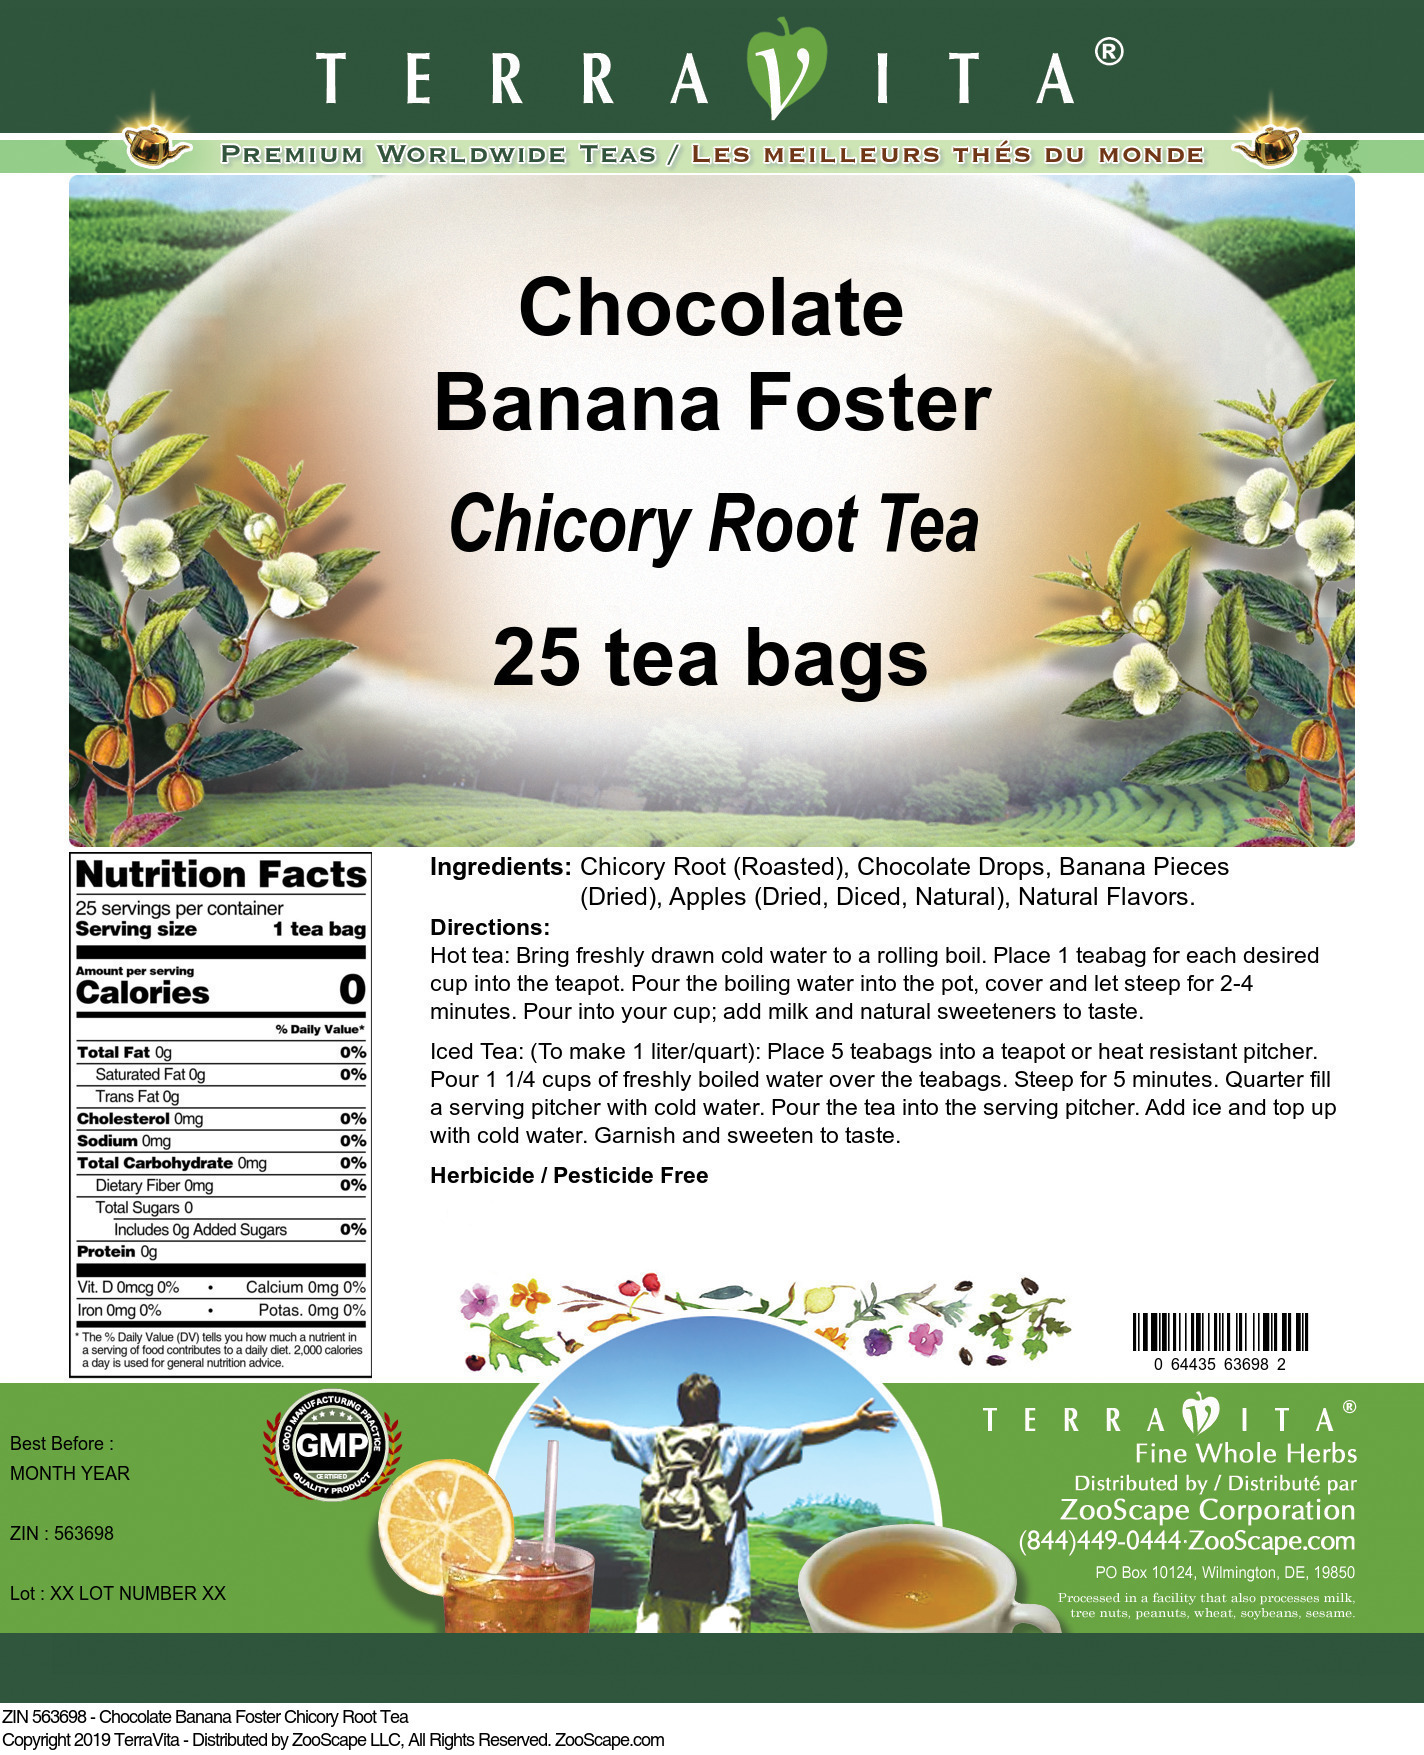 Chocolate Banana Foster Chicory Root